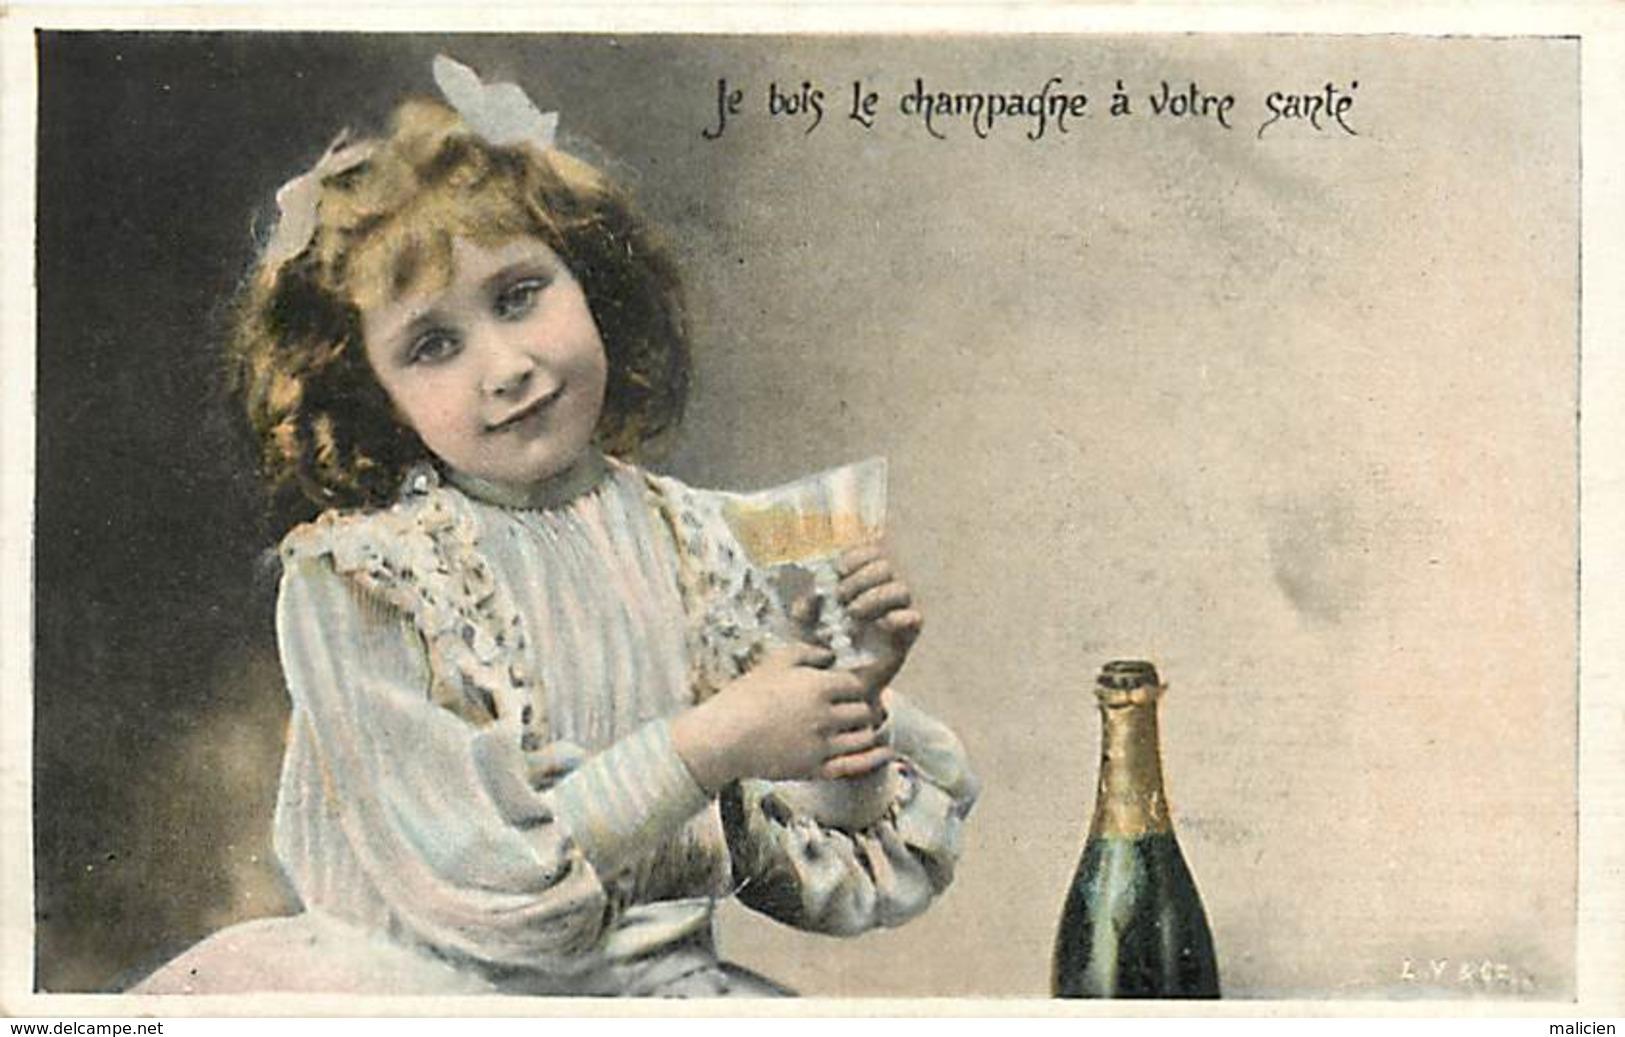 -ref-A988- Enfants - Enfant - Fillette Et Bouteille De Champagne - Je Bois Le Champagne A Votre Santé - Vins - Alcool - - Portraits